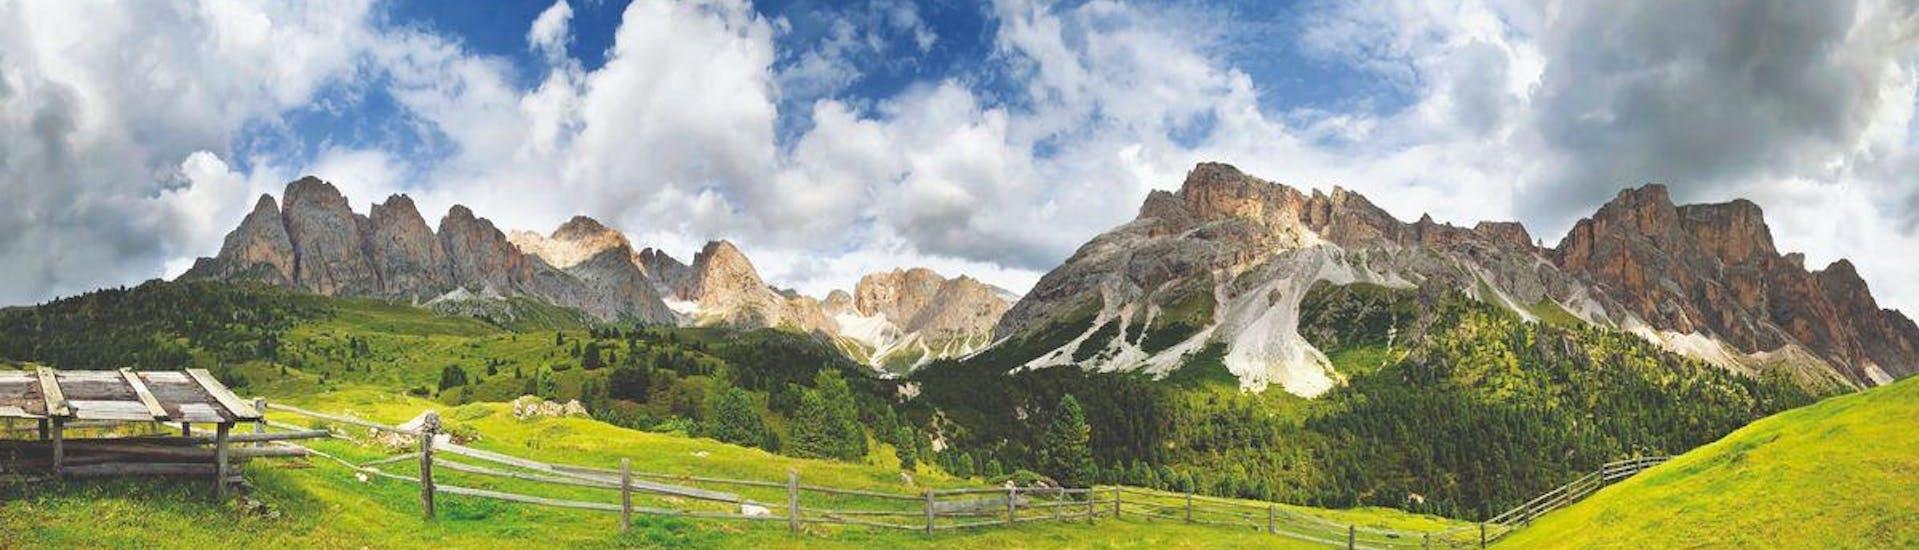 E-Mountain Bike Tour in Selva di Val Gardena - Advanced